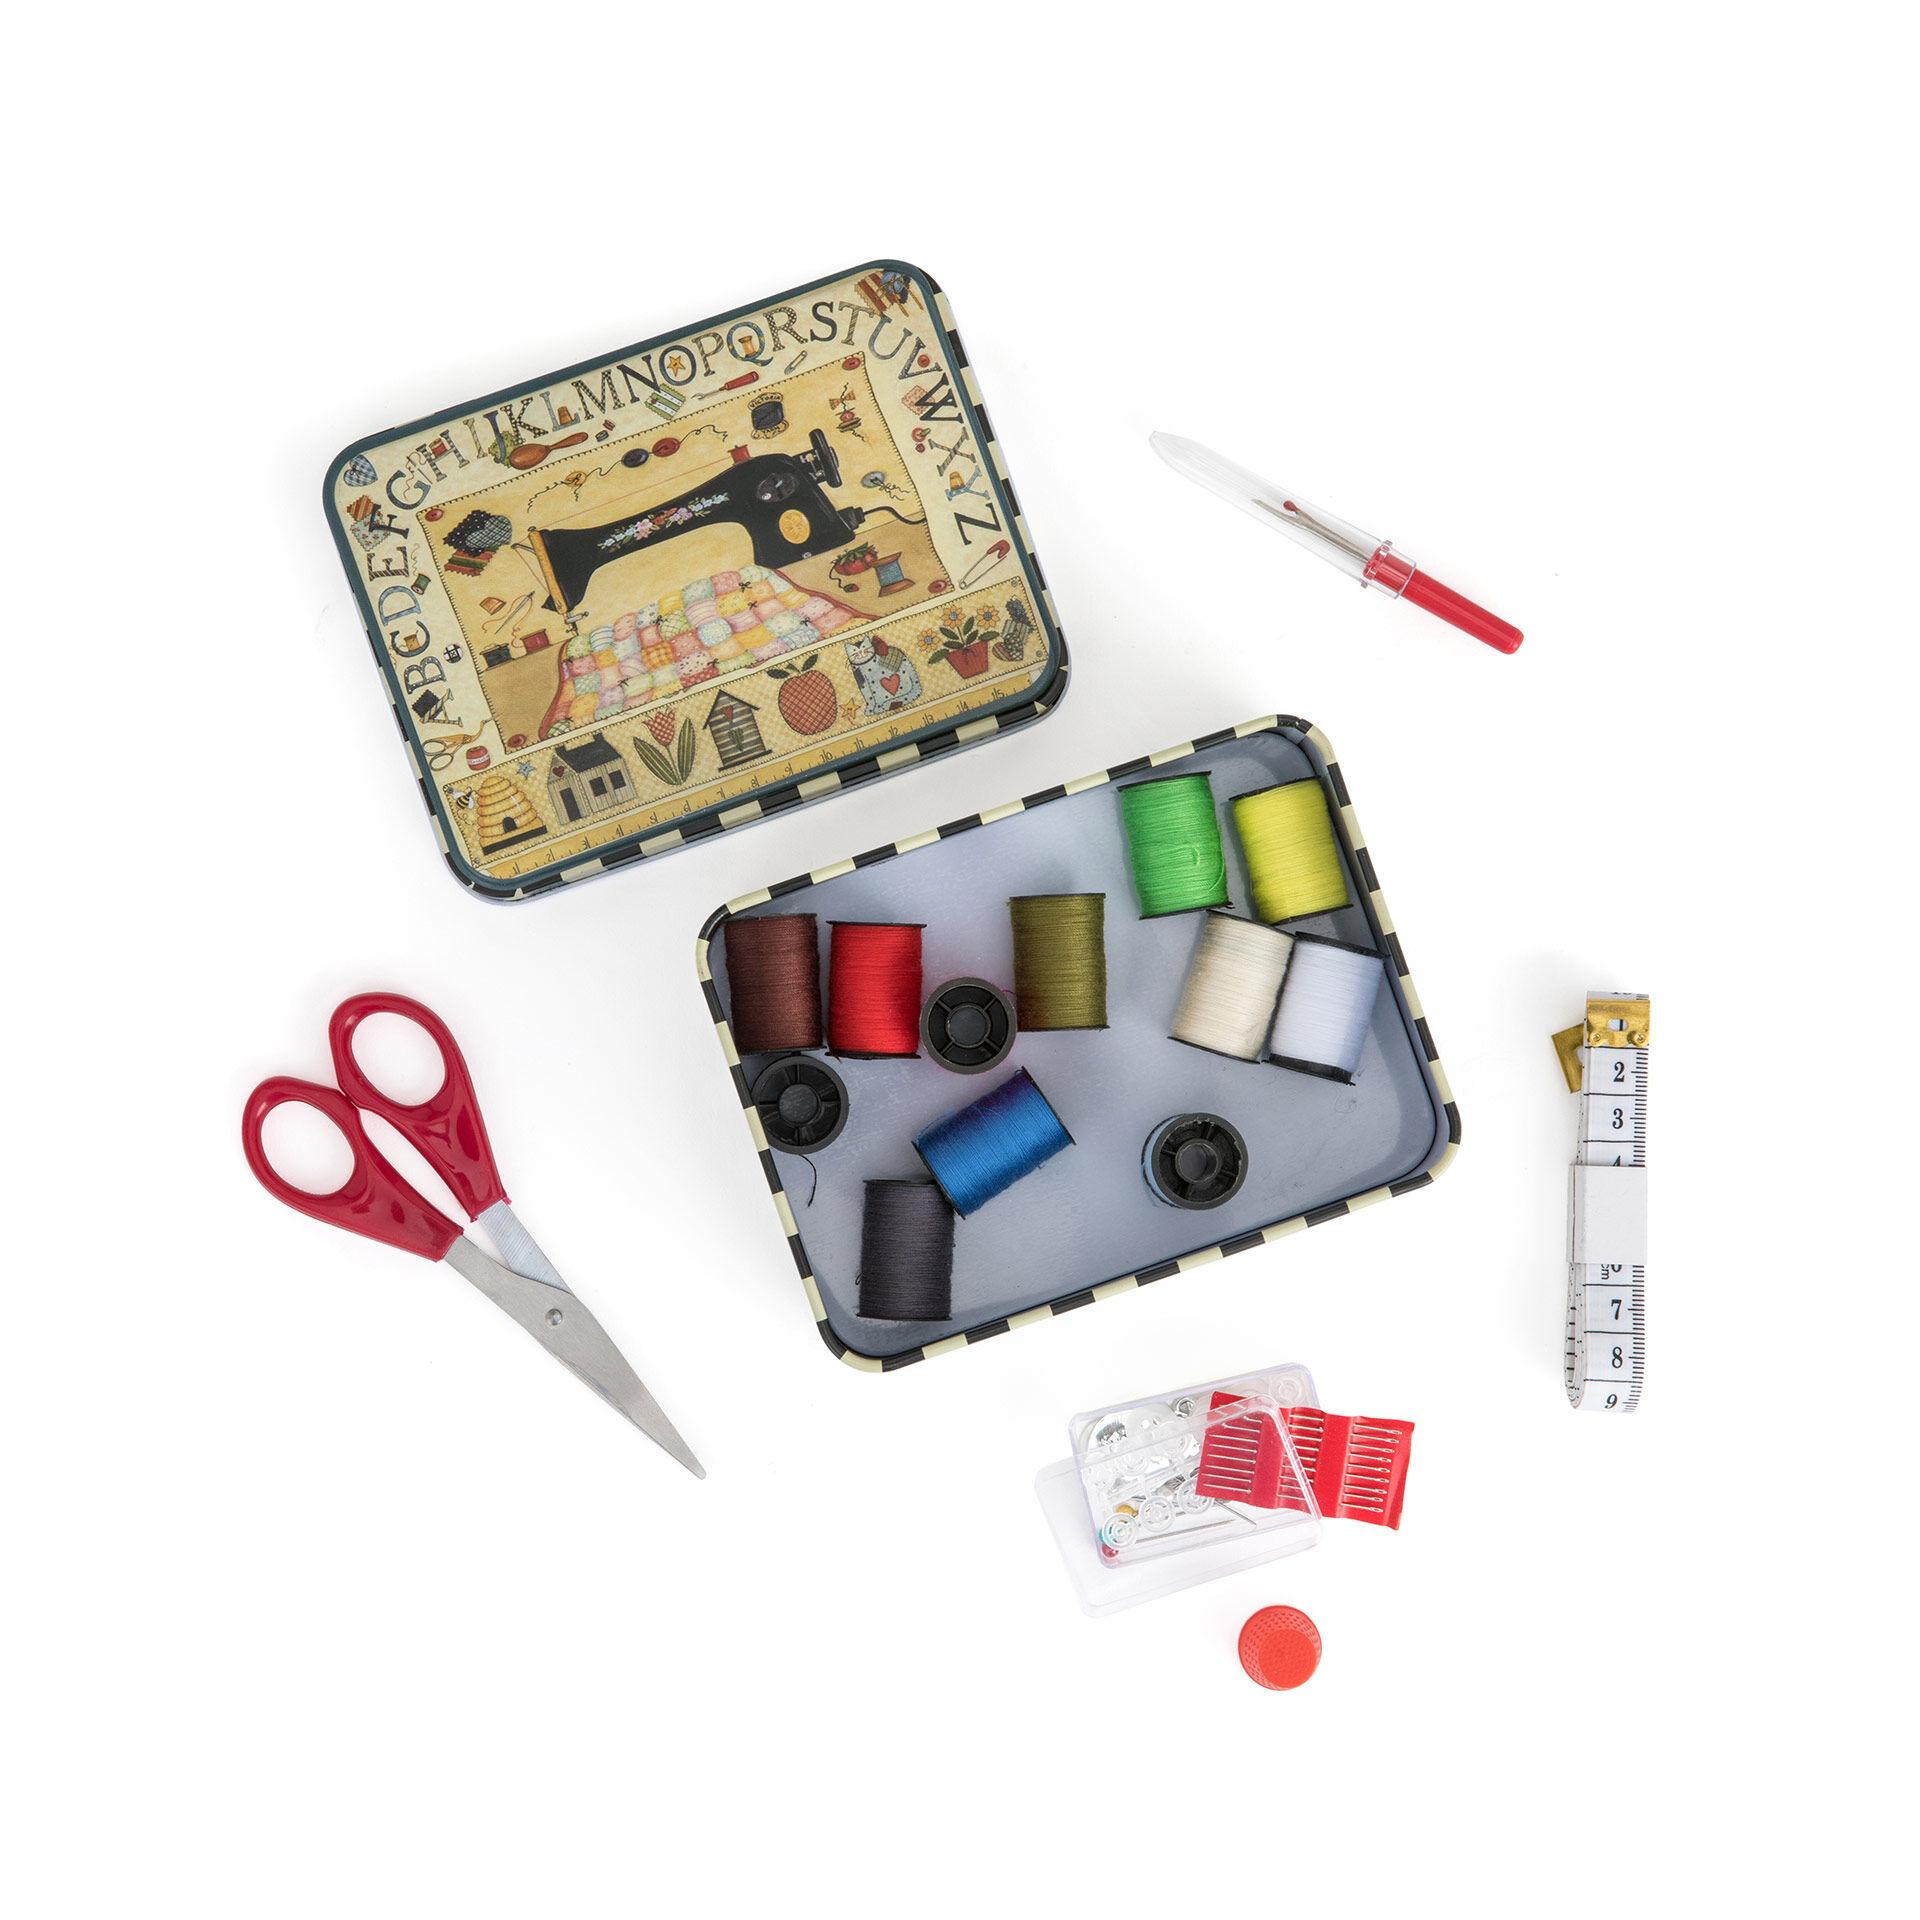 Boîte métallique avec kit de couture, , large